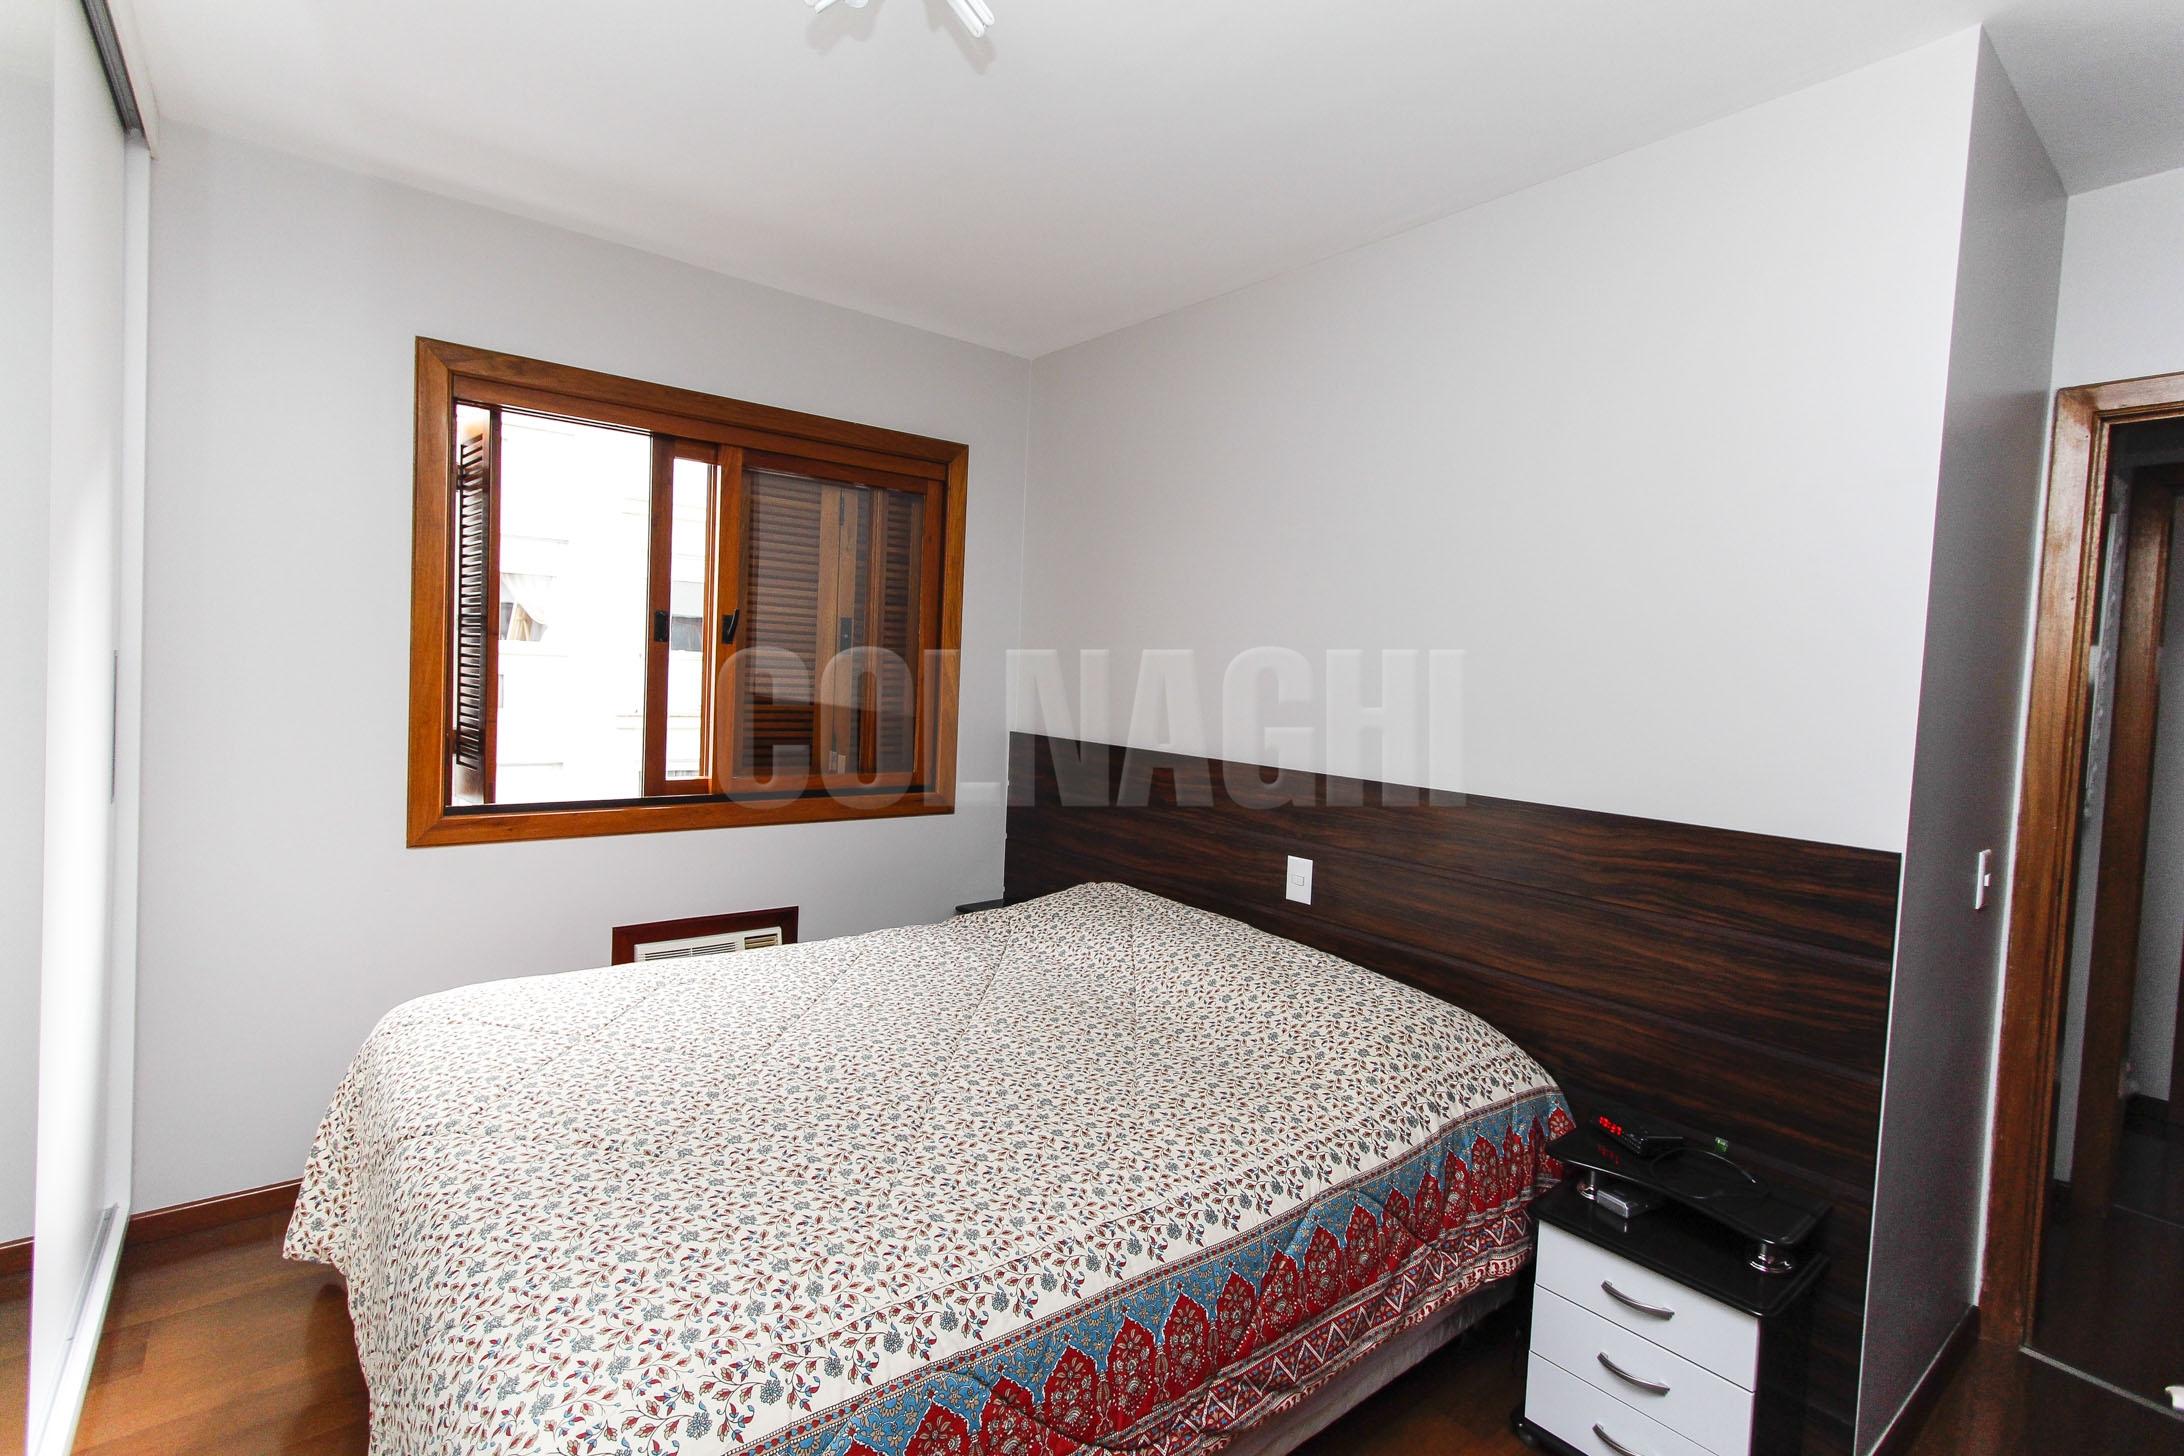 Saint Anton - Apto 2 Dorm, Bela Vista, Porto Alegre (CL8621) - Foto 10